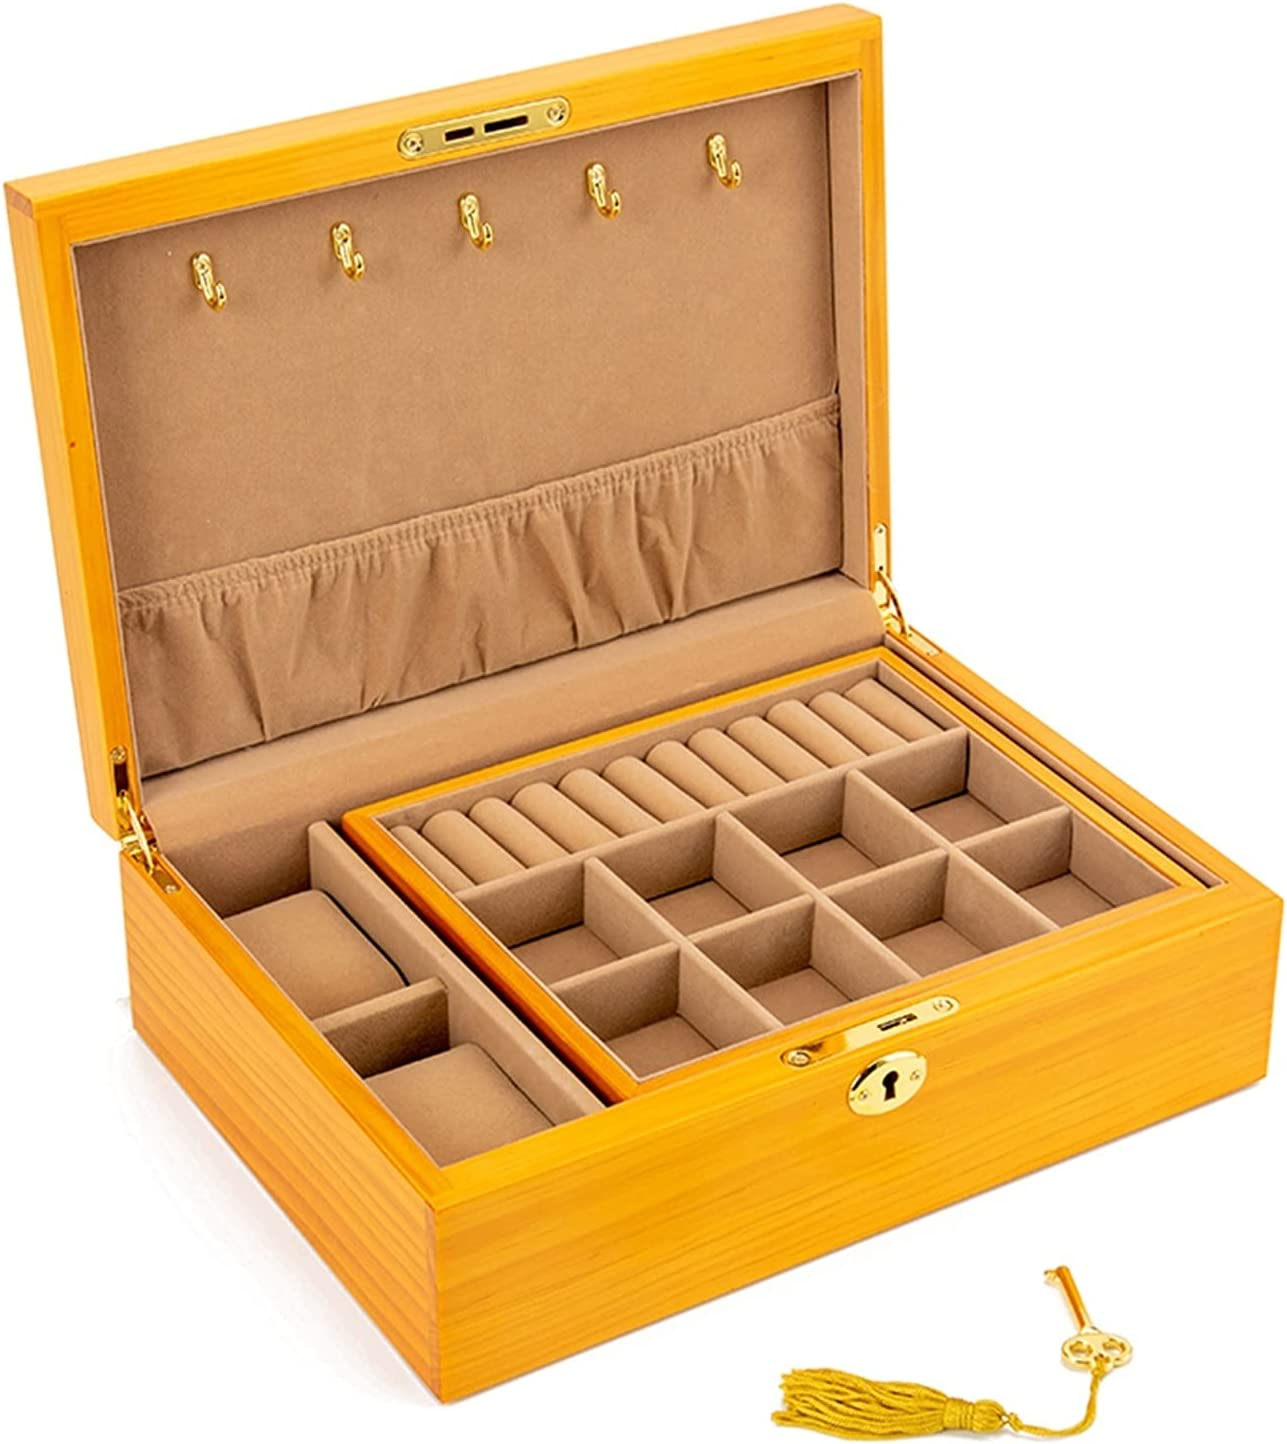 QAZX Caja de Joyas Vintage Madera Sólido Joyería Caja De Almacenamiento Collar Antiguo Pendientes Reloj De Joyería Organizador (Color : Orange yellow1)